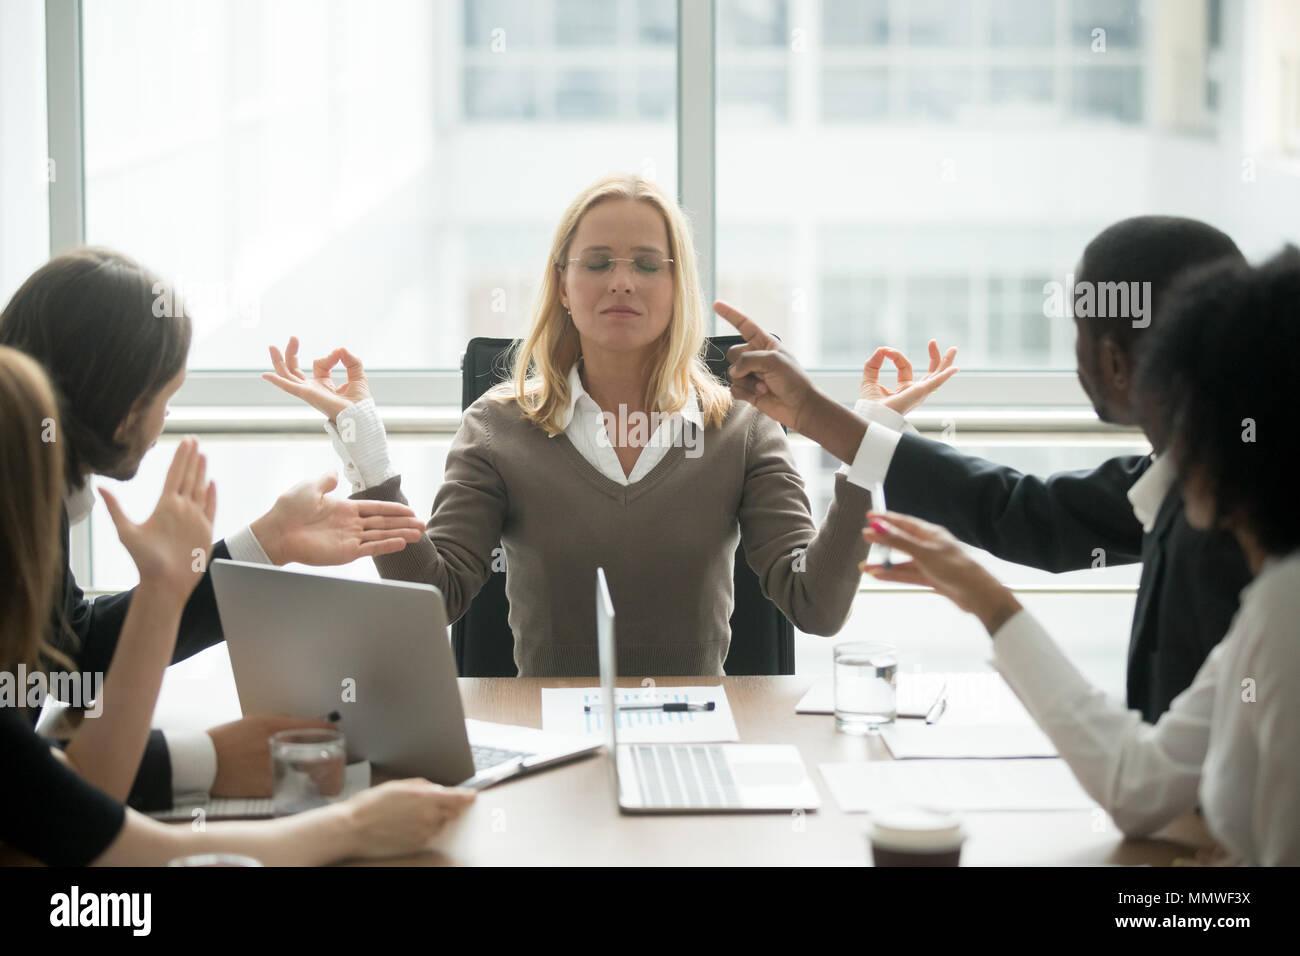 Consciente hembra boss calmando meditando en la oficina estresante Imagen De Stock